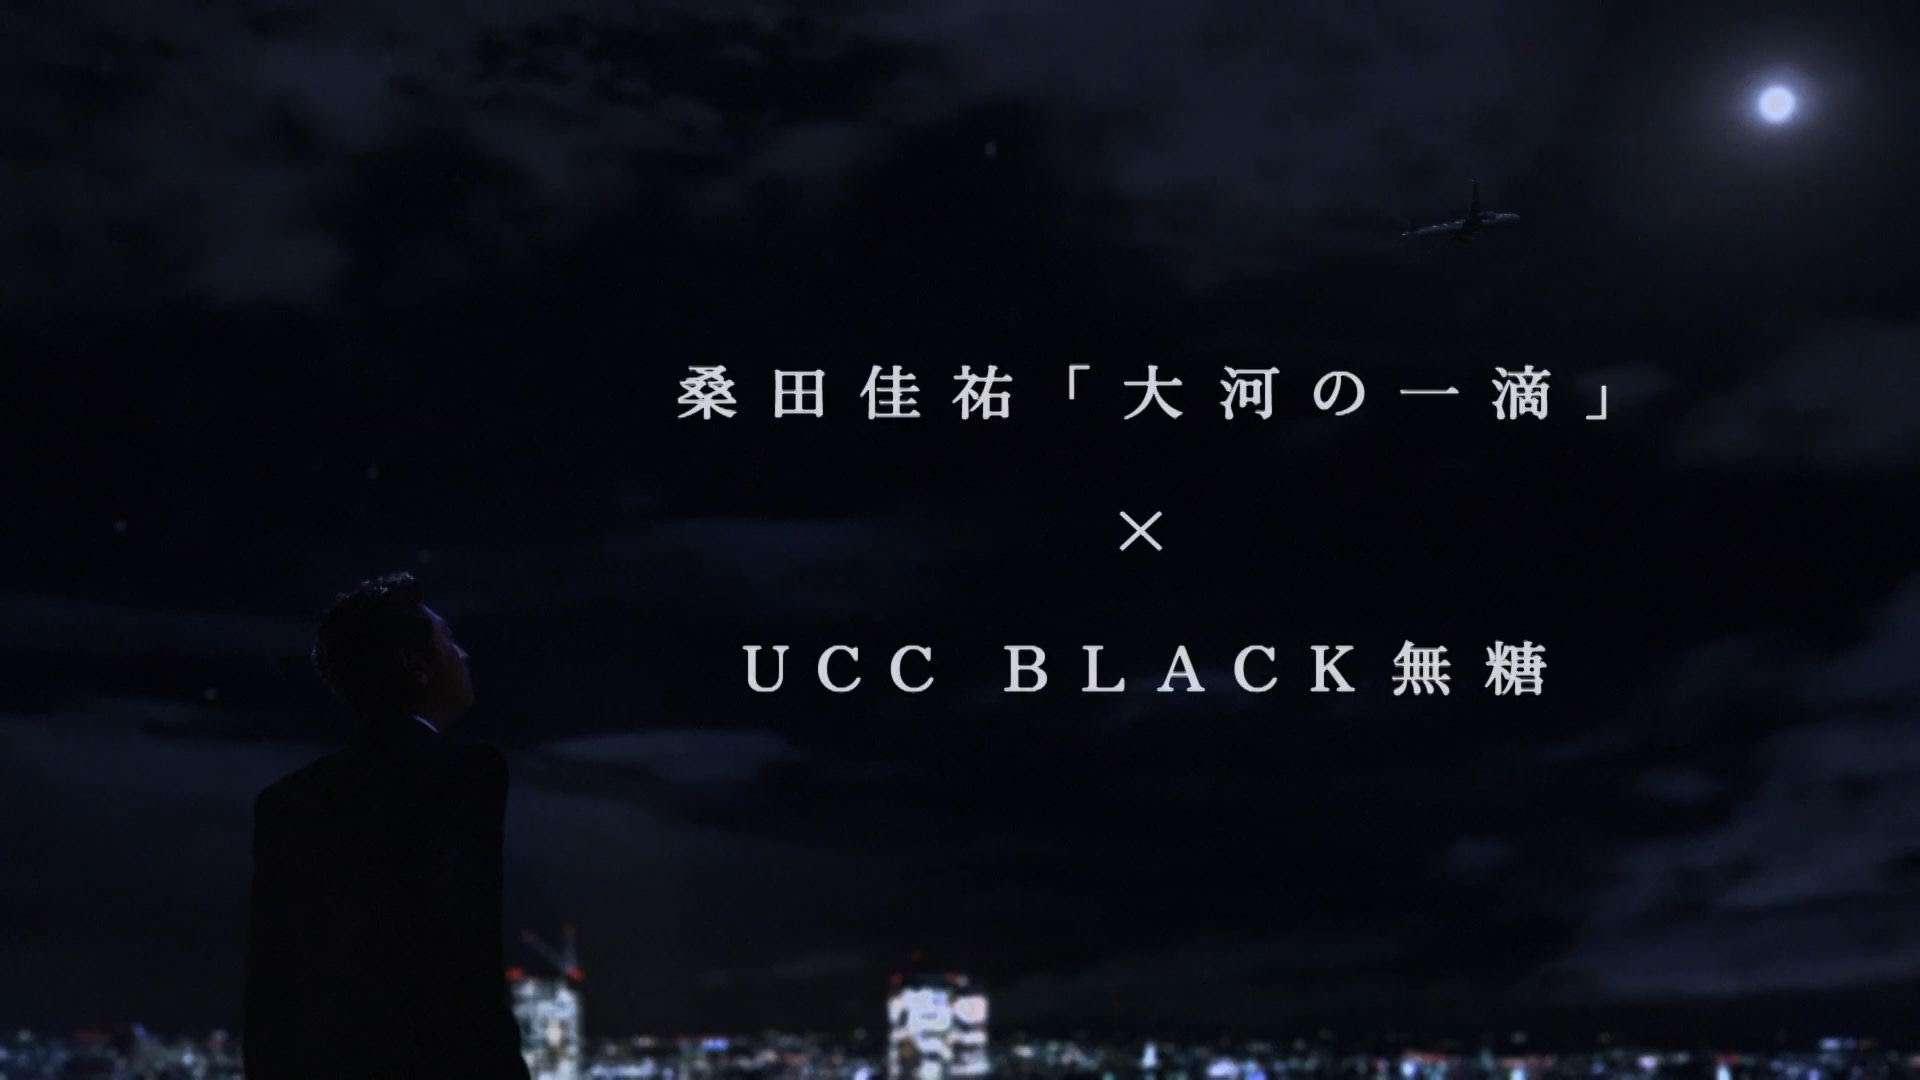 桑田佳祐「大河の一滴」×UCC BLACK無糖 WEBムービー - YouTube